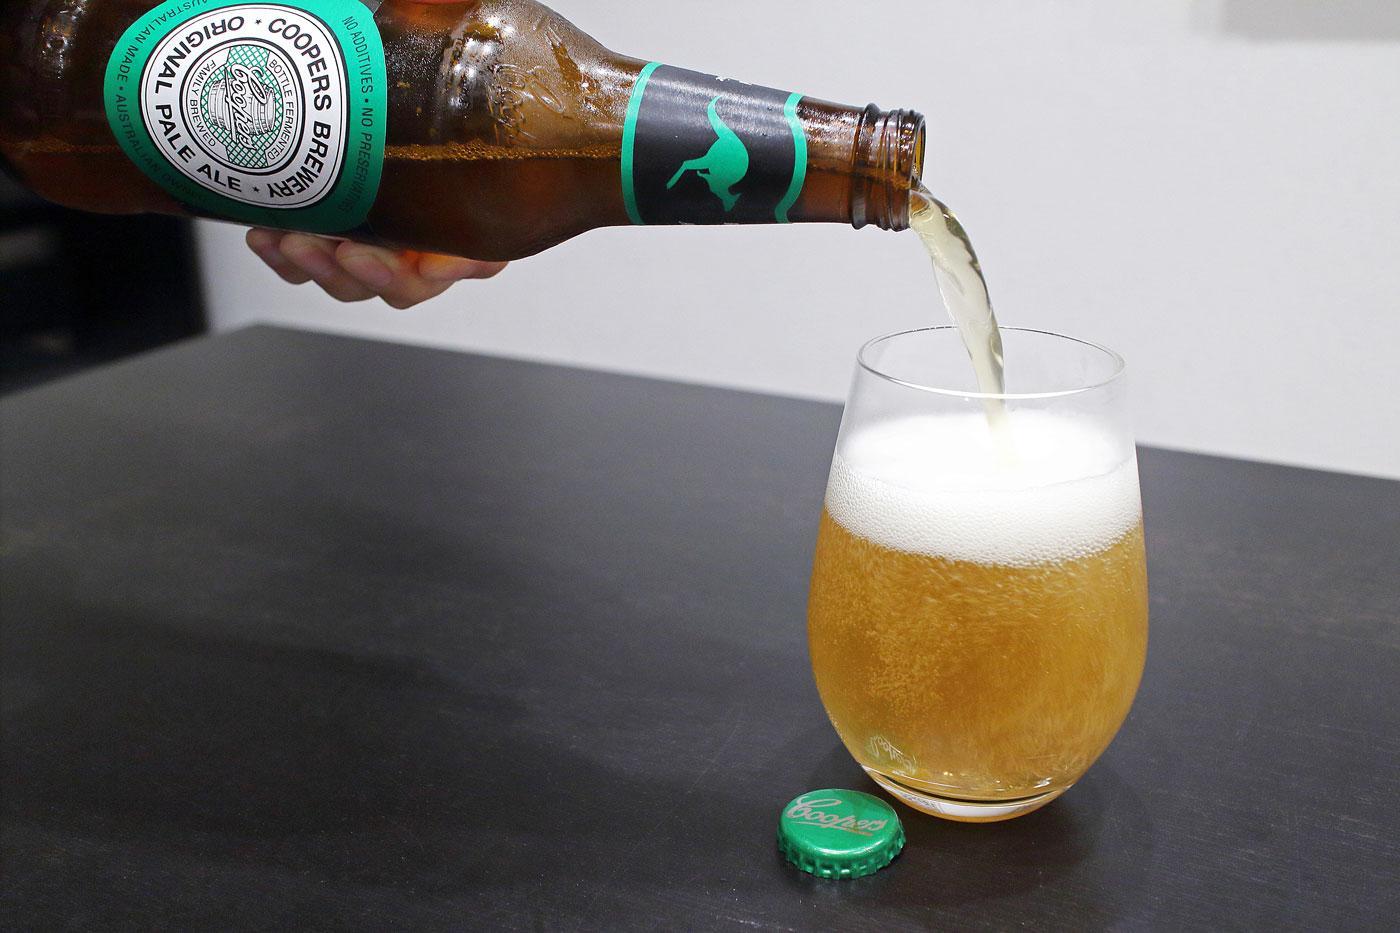 オーストラリアのビール「クーパーズ・オリジナル・ペール・エール」堪能!【世界遺産とビールと私】